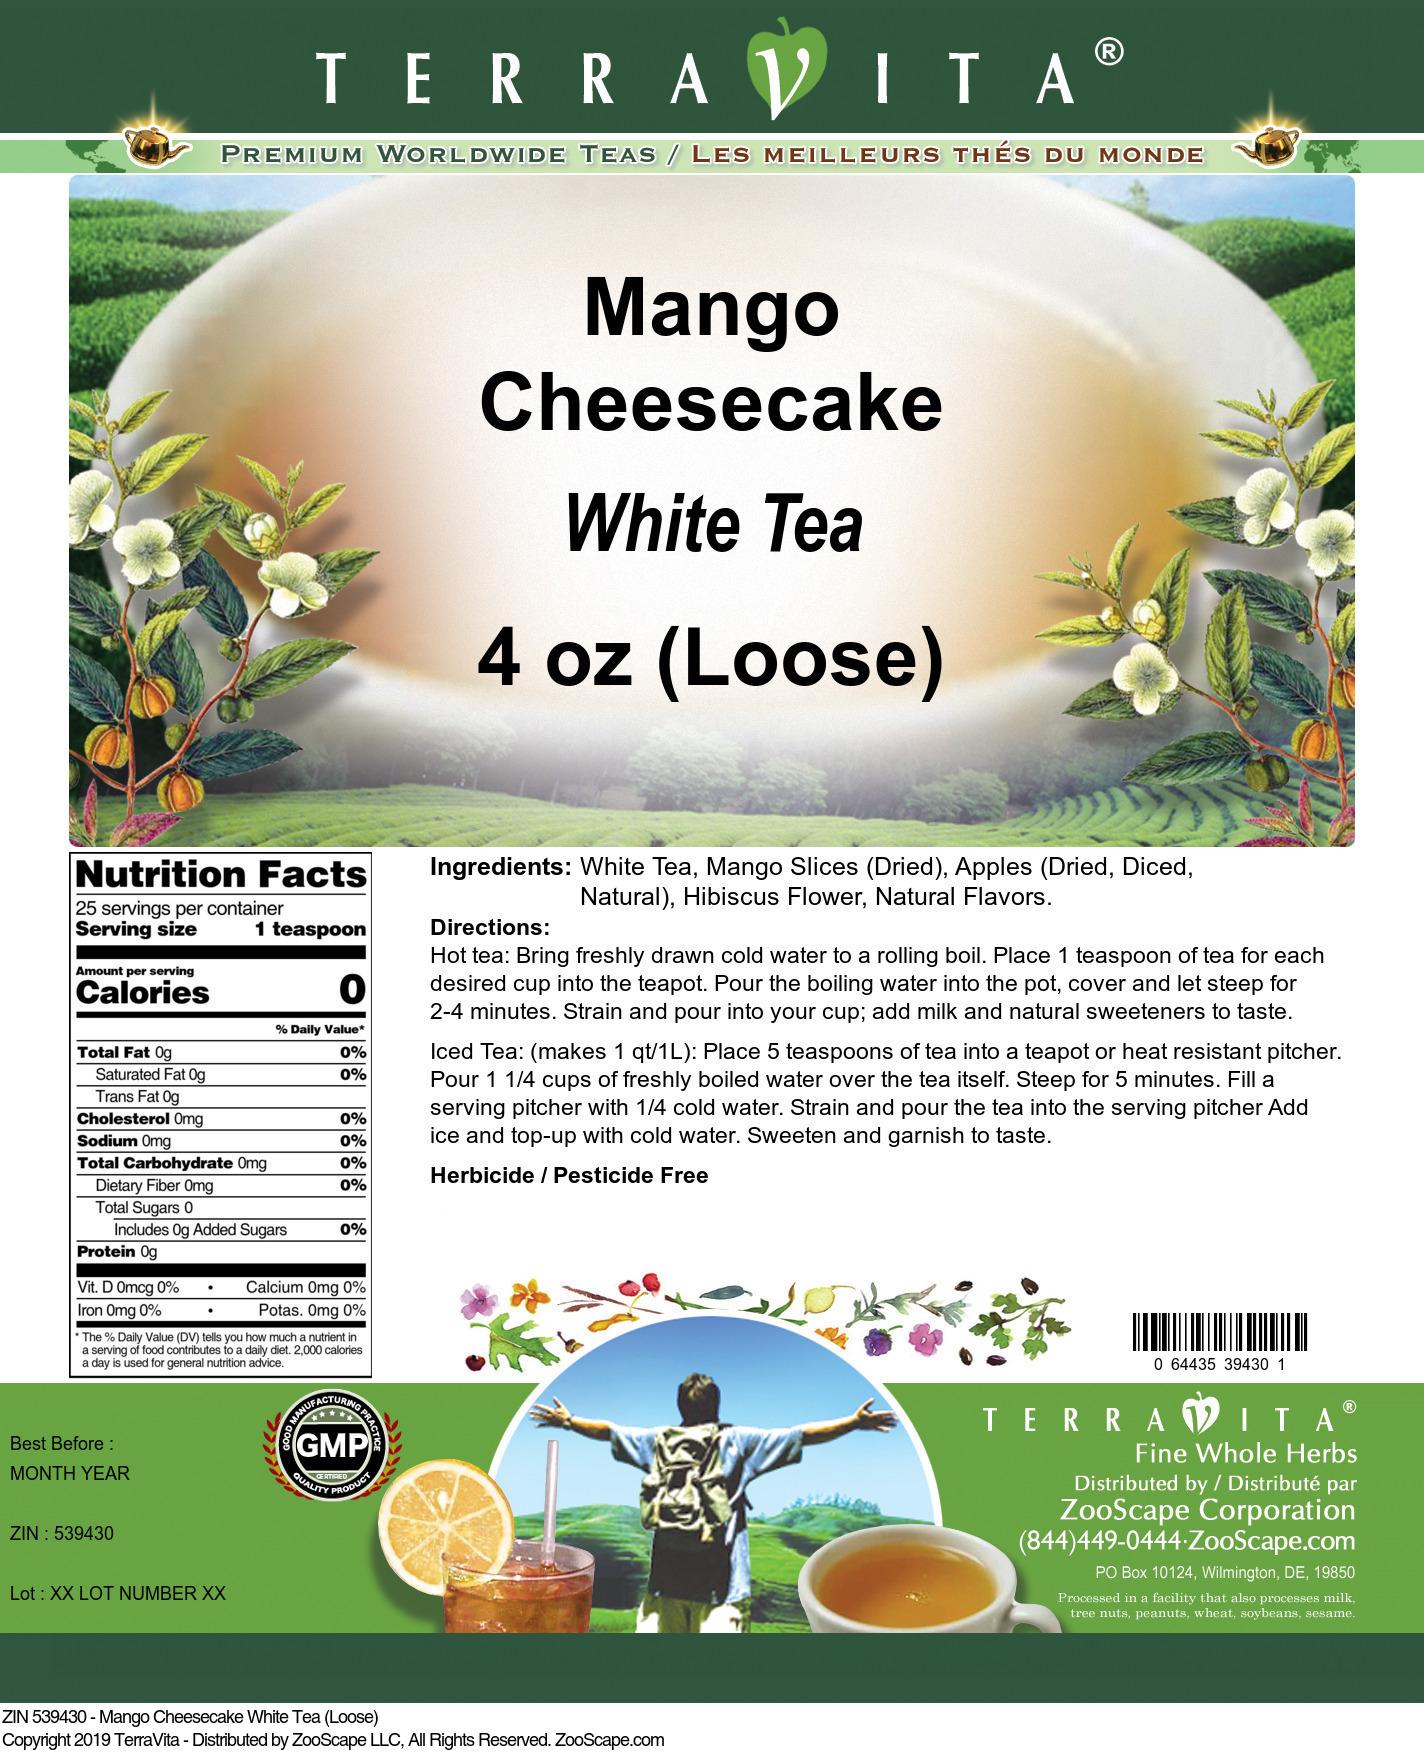 Mango Cheesecake White Tea (Loose)